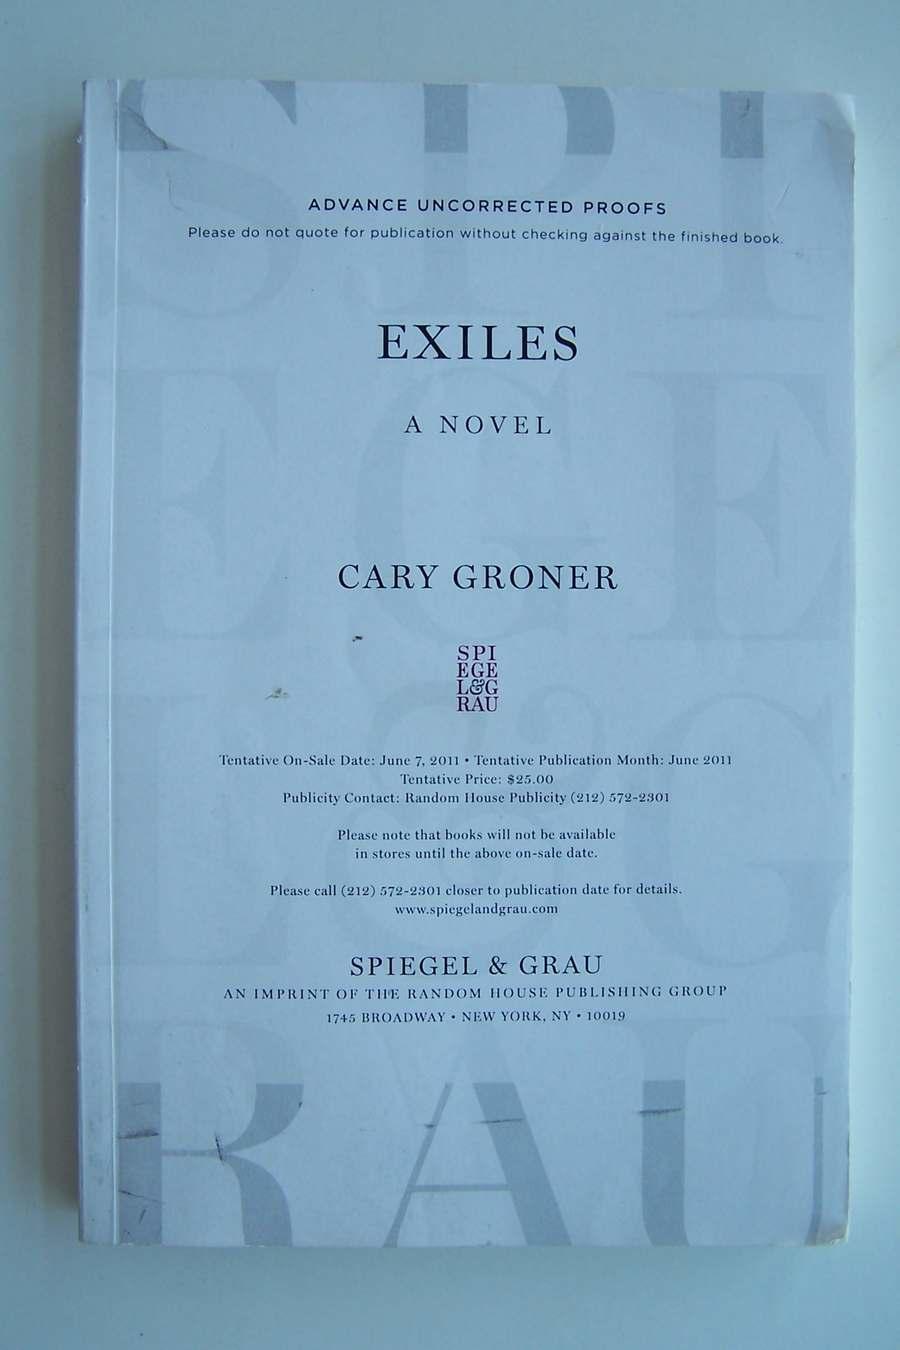 Cary Groner Exiles A Novel Advance Readers Copy ARC Rar